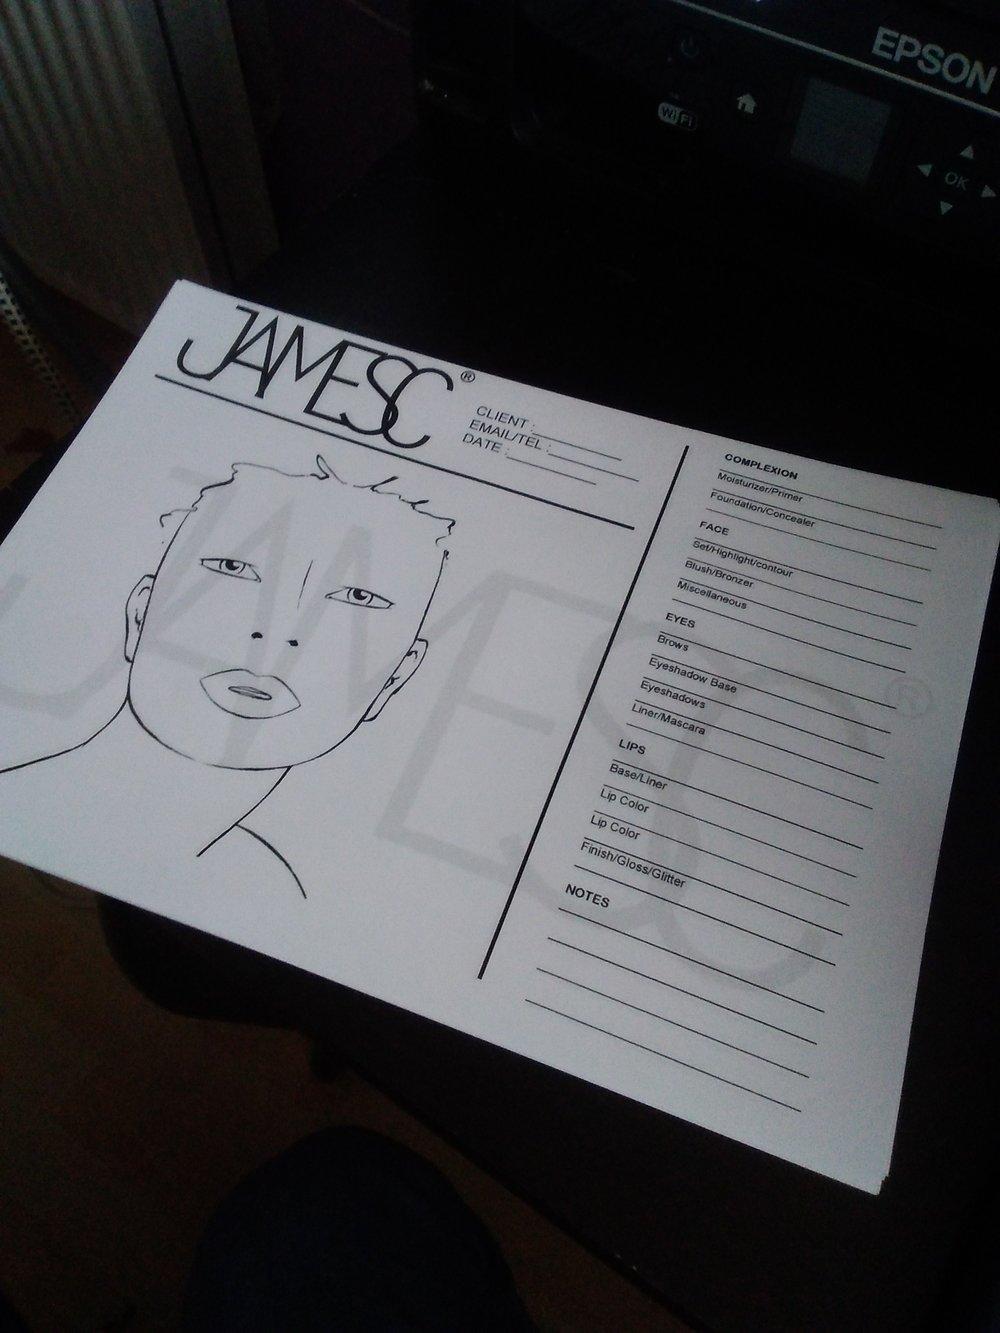 JamesC face chart